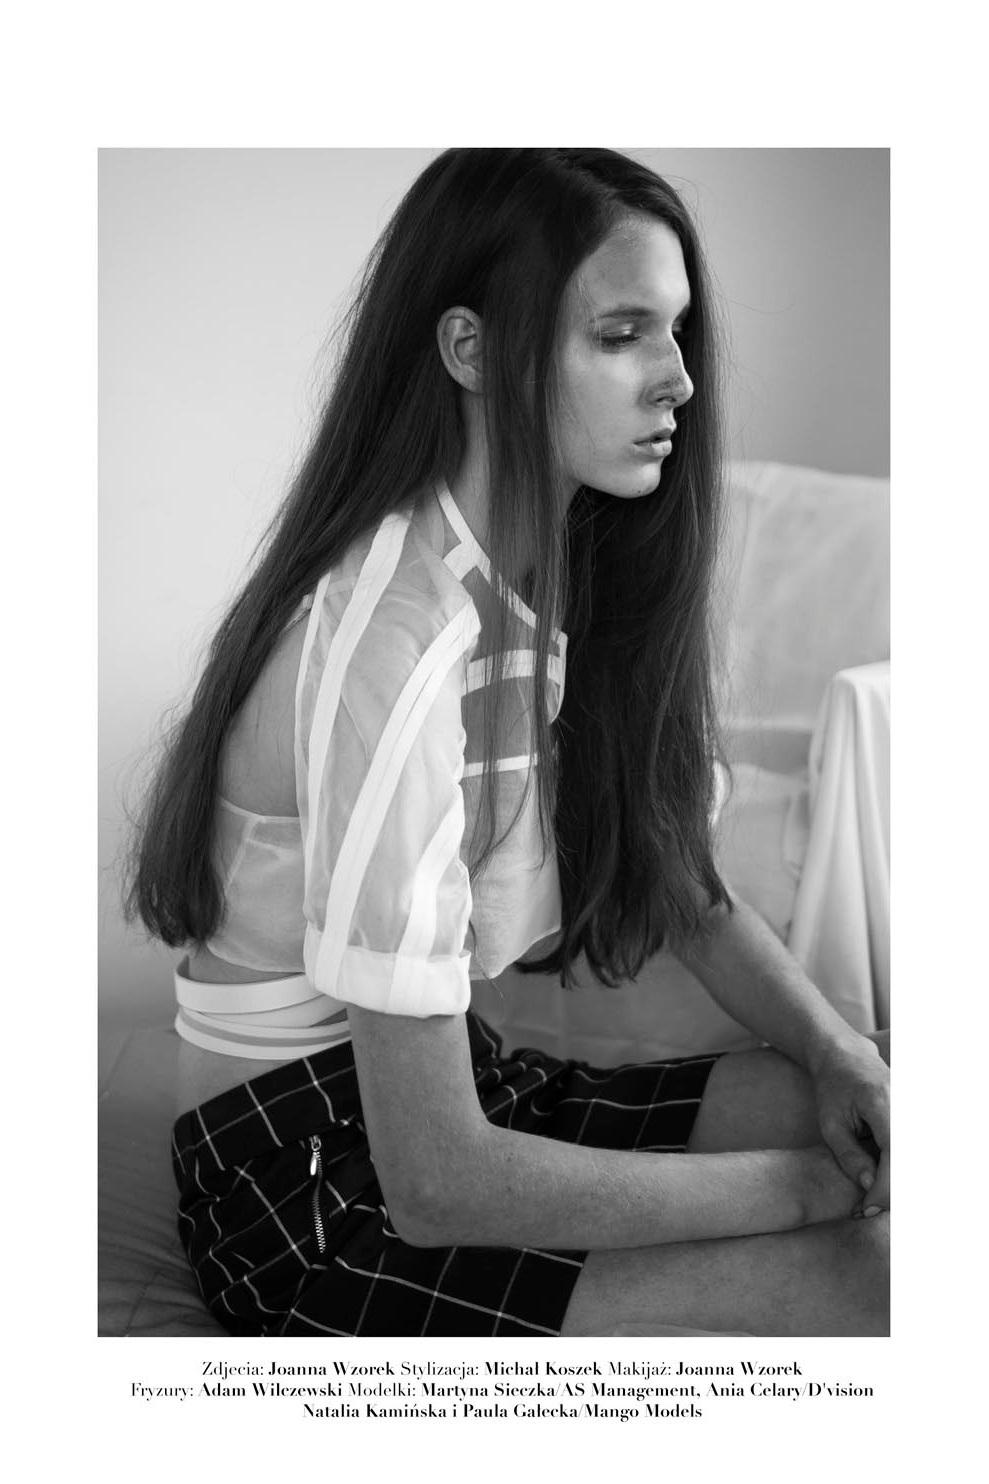 2. fot. Joanna Wzorek